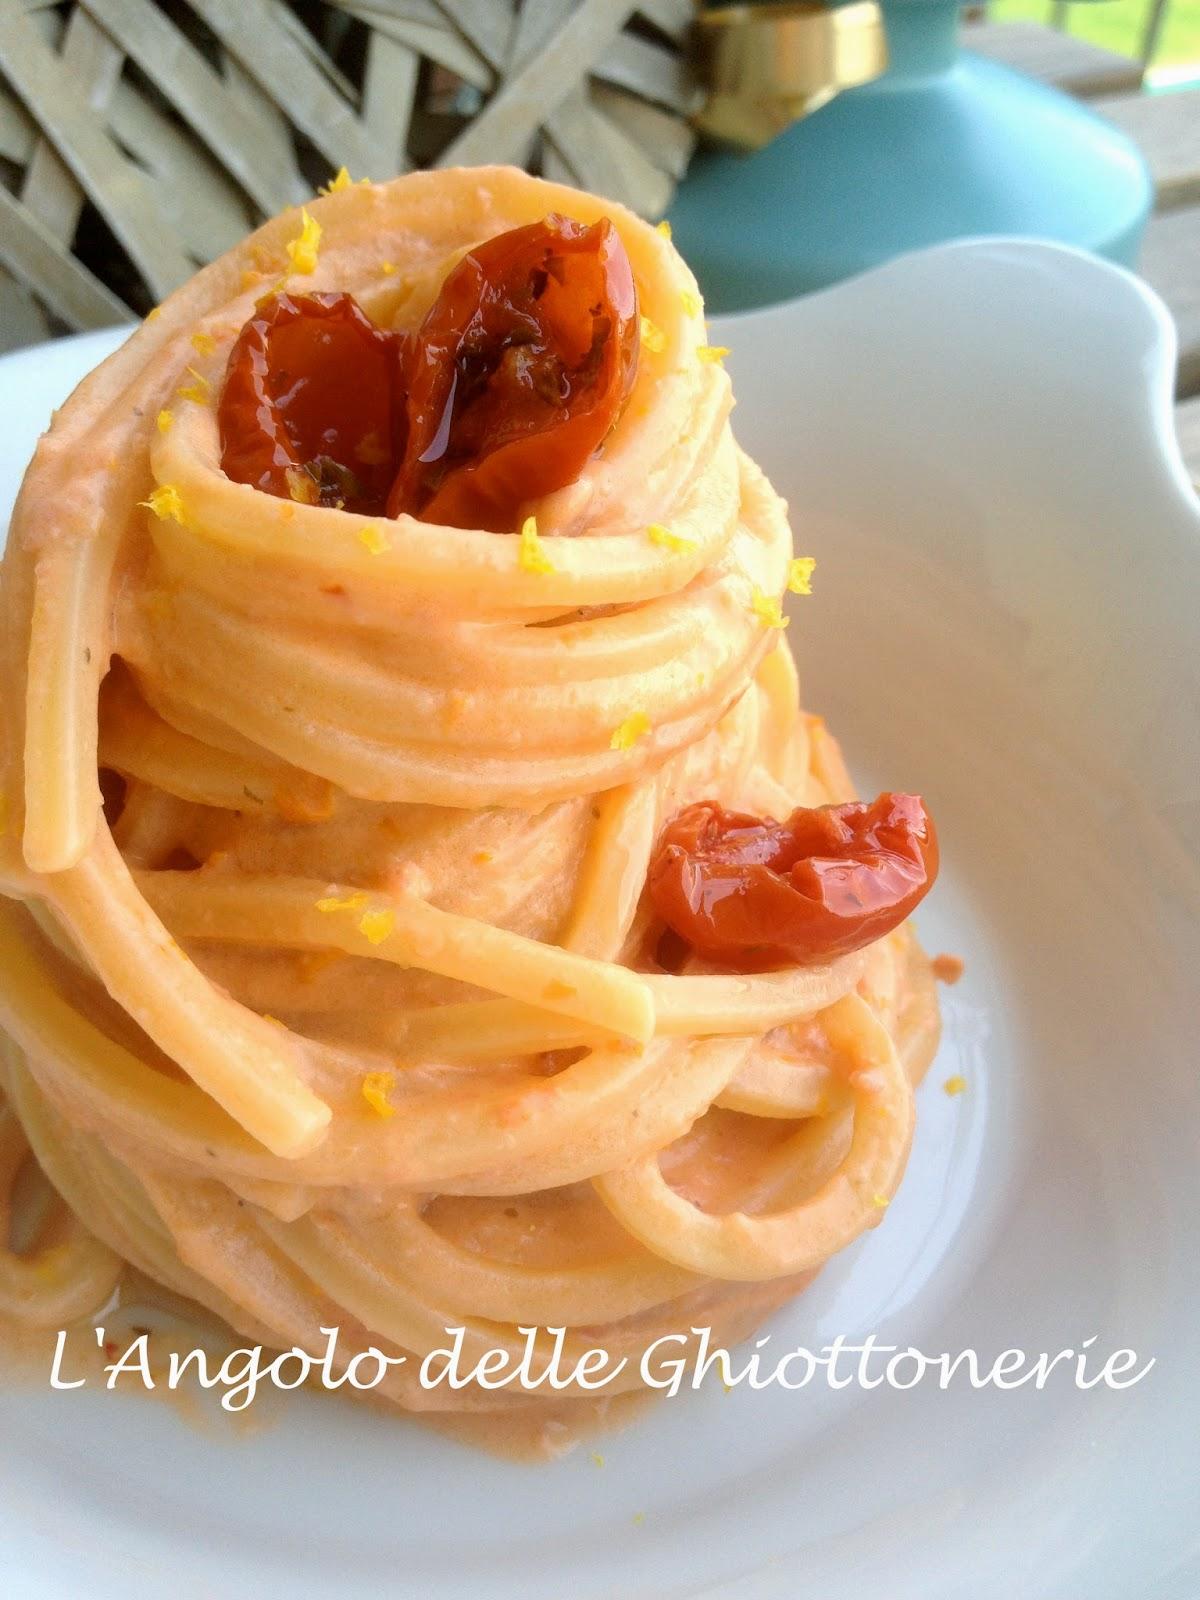 spaghetto quadrato in crema di ricotta di bufala, pomodoro ciliegino secco e zeste di limone